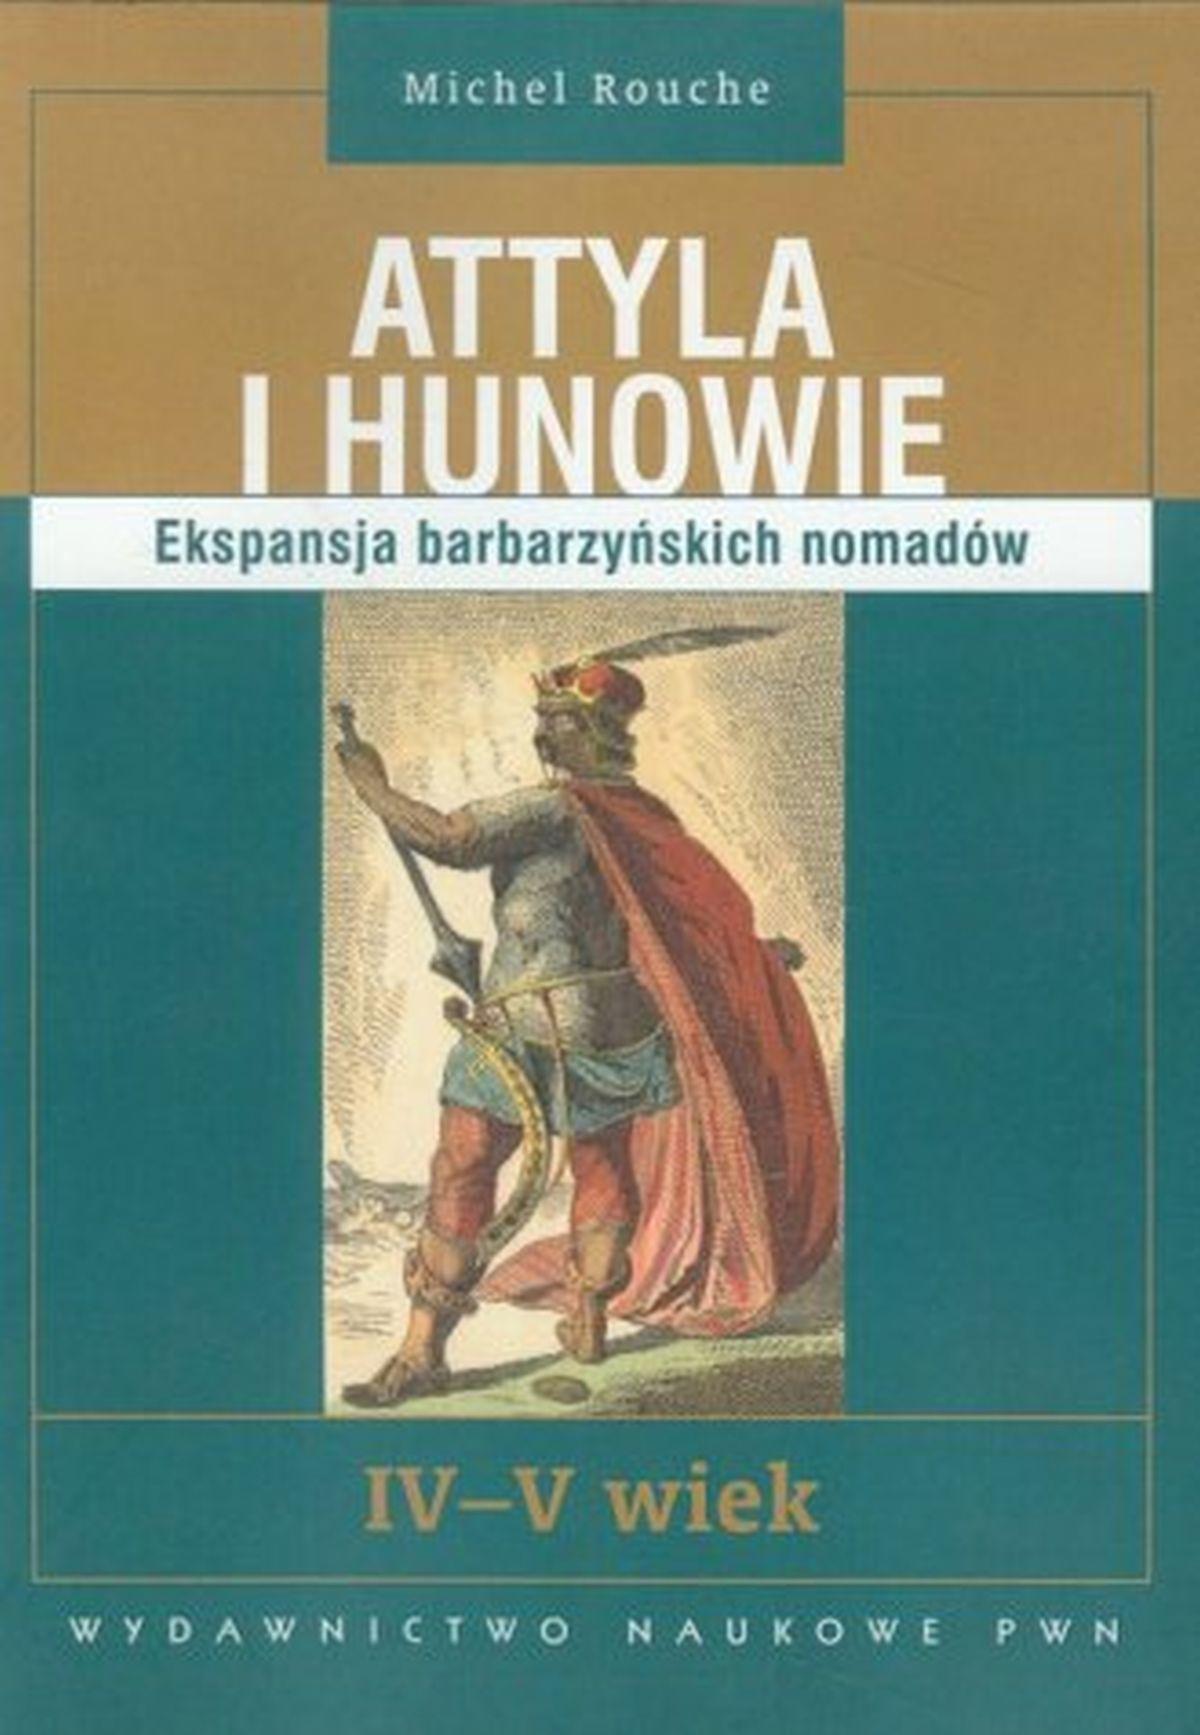 Attyla i Hunowie. Ekspansja barbarzyńskich nomadów. IV-V wiek